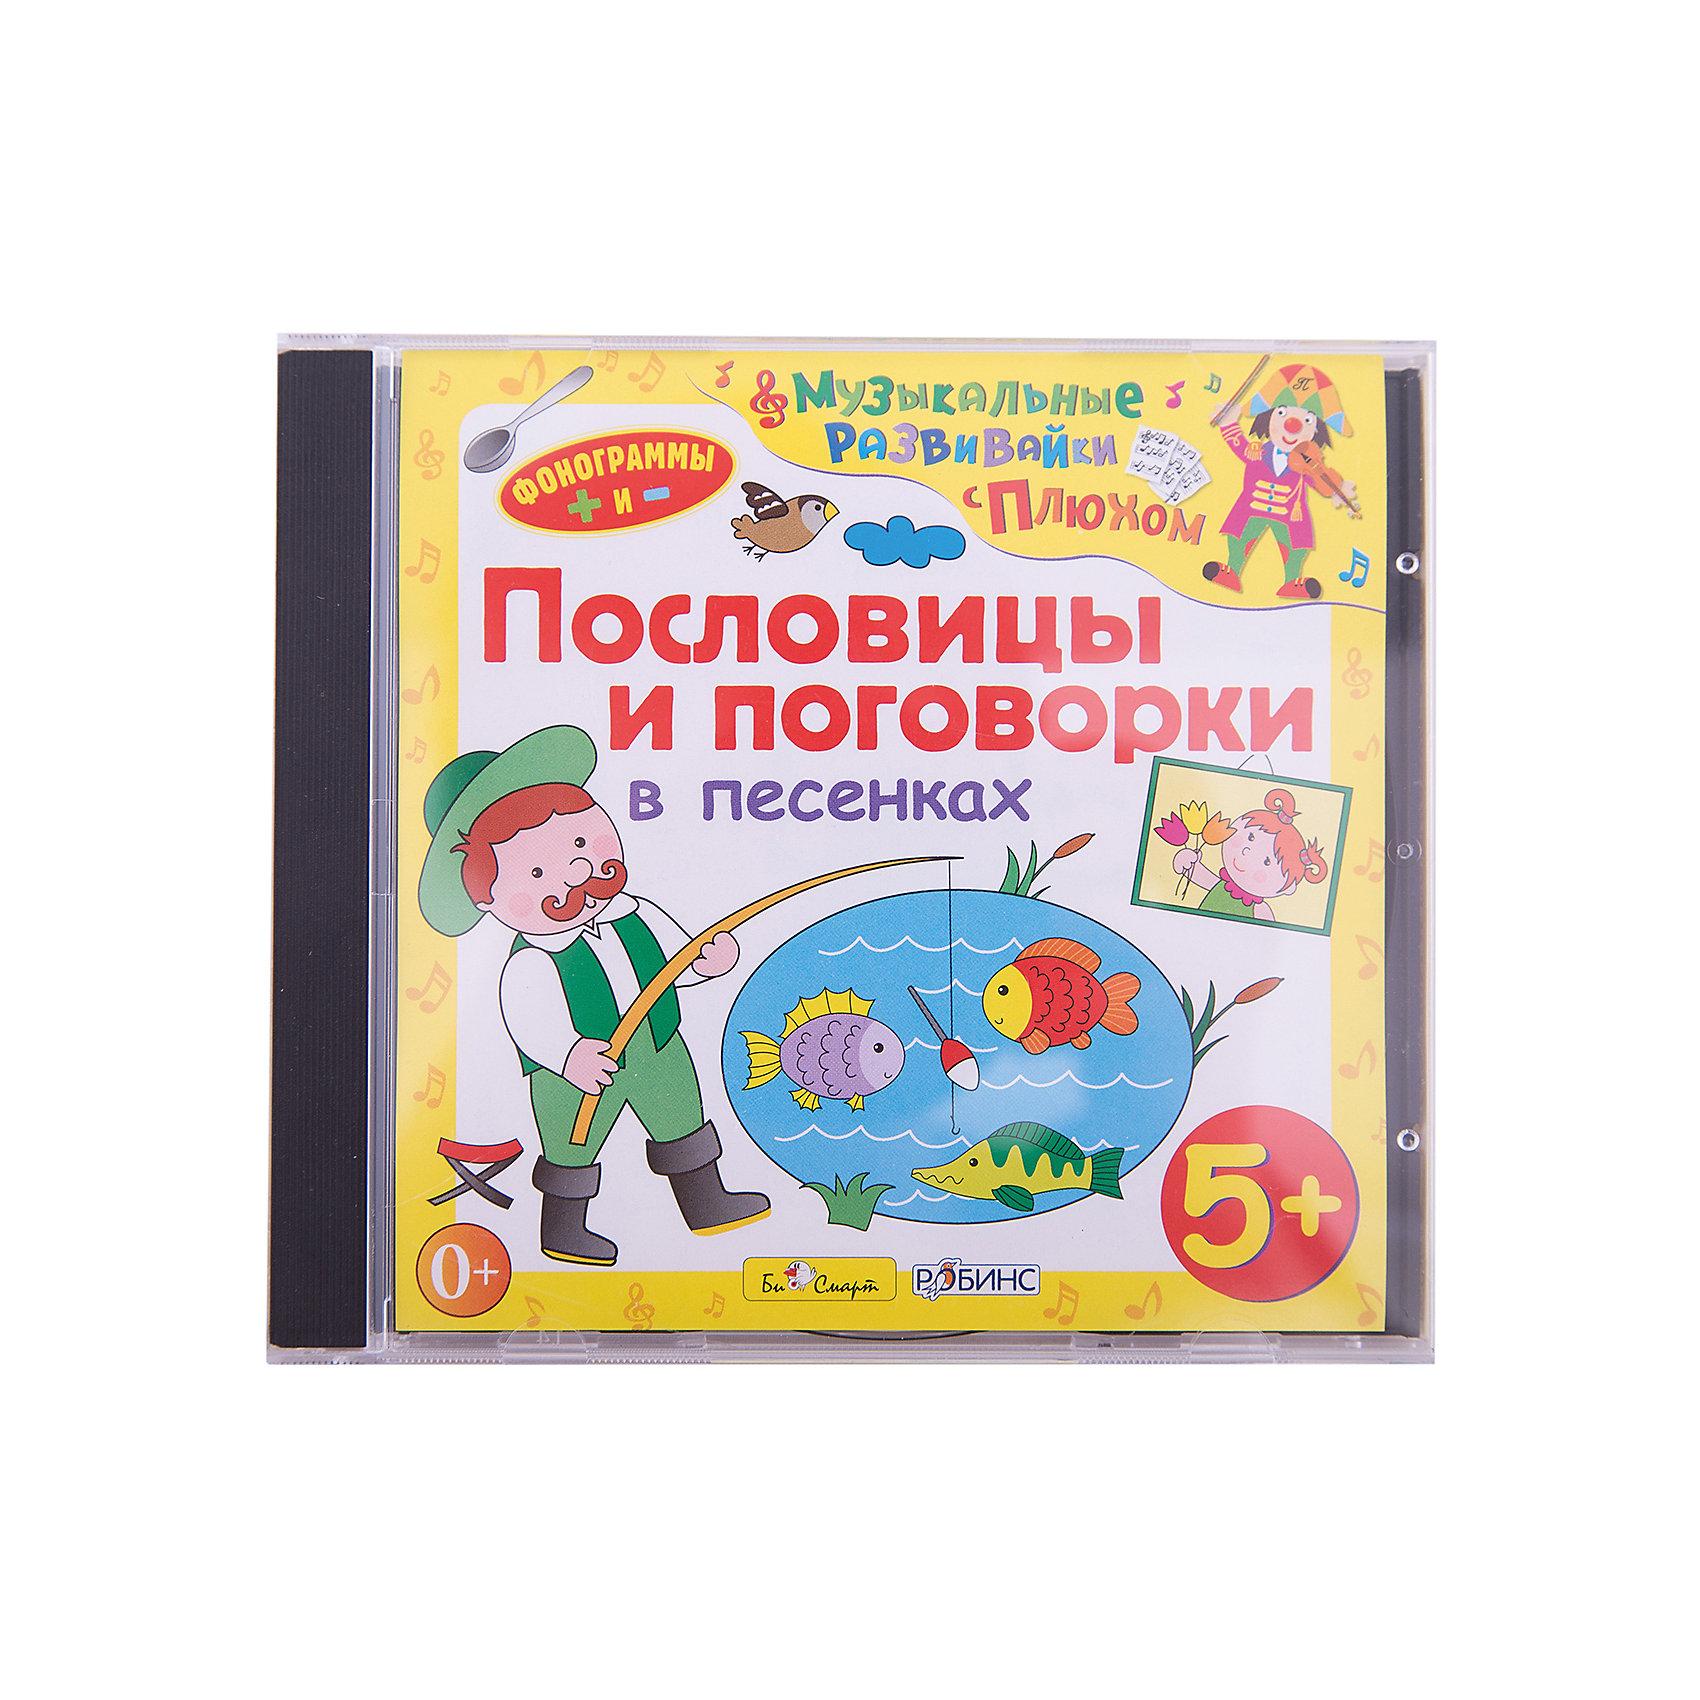 Би Смарт CD. Пословицы и поговорки в песенках. (от 5 лет)Би Смарт<br>Русские пословицы и поговорки — меткие выражения, созданные русским народом, которые в короткой форме выражают мудрые мысли. И пословица, и поговорка всегда очень точно определяют какое-либо явление или ситуацию в нашей жизни. Поэтому знакомство с ними очень важно для детей.<br>На диске представлены объяснения пословиц и поговорок об умении и трудолюбии, о лени и безделье, о дружбе и об отношениях в легкой, песенной форме. Понятные тексты песен помогут ребятам понять смысл широко известных и часто употребляемых пословиц и поговорок.<br>Вы можете начинать слушать их с ребенком уже с четырех лет, при необходимости дополняя своими комментариями. Таким образом, через них вы будете знакомить малыша с накопленной веками народной мудростью. Ведь пословицы и поговорки содержат поучительный смысл и, слушая их, ребенок узнает, как правильно относиться к людям, делам, отдыху, будет учиться делать свои собственные выводы.<br>Прослушав диск, Вы даже удивитесь, как легко Ваш малыш выучит новые пословицы, и, верно поняв их смысл, сможет применять их в своем общении.<br>Особенно понравившиеся песенки можно будет попеть вместе с клоуном Плюхом или просто под минусовки.<br>Данный материал может применяться на уроках литературного чтения, развития речи и русского языка.<br><br>Следите за новинками в серии «Музыкальные развивайки с Плюхом!<br><br>Ширина мм: 142<br>Глубина мм: 10<br>Высота мм: 125<br>Вес г: 79<br>Возраст от месяцев: 60<br>Возраст до месяцев: 120<br>Пол: Унисекс<br>Возраст: Детский<br>SKU: 2449481